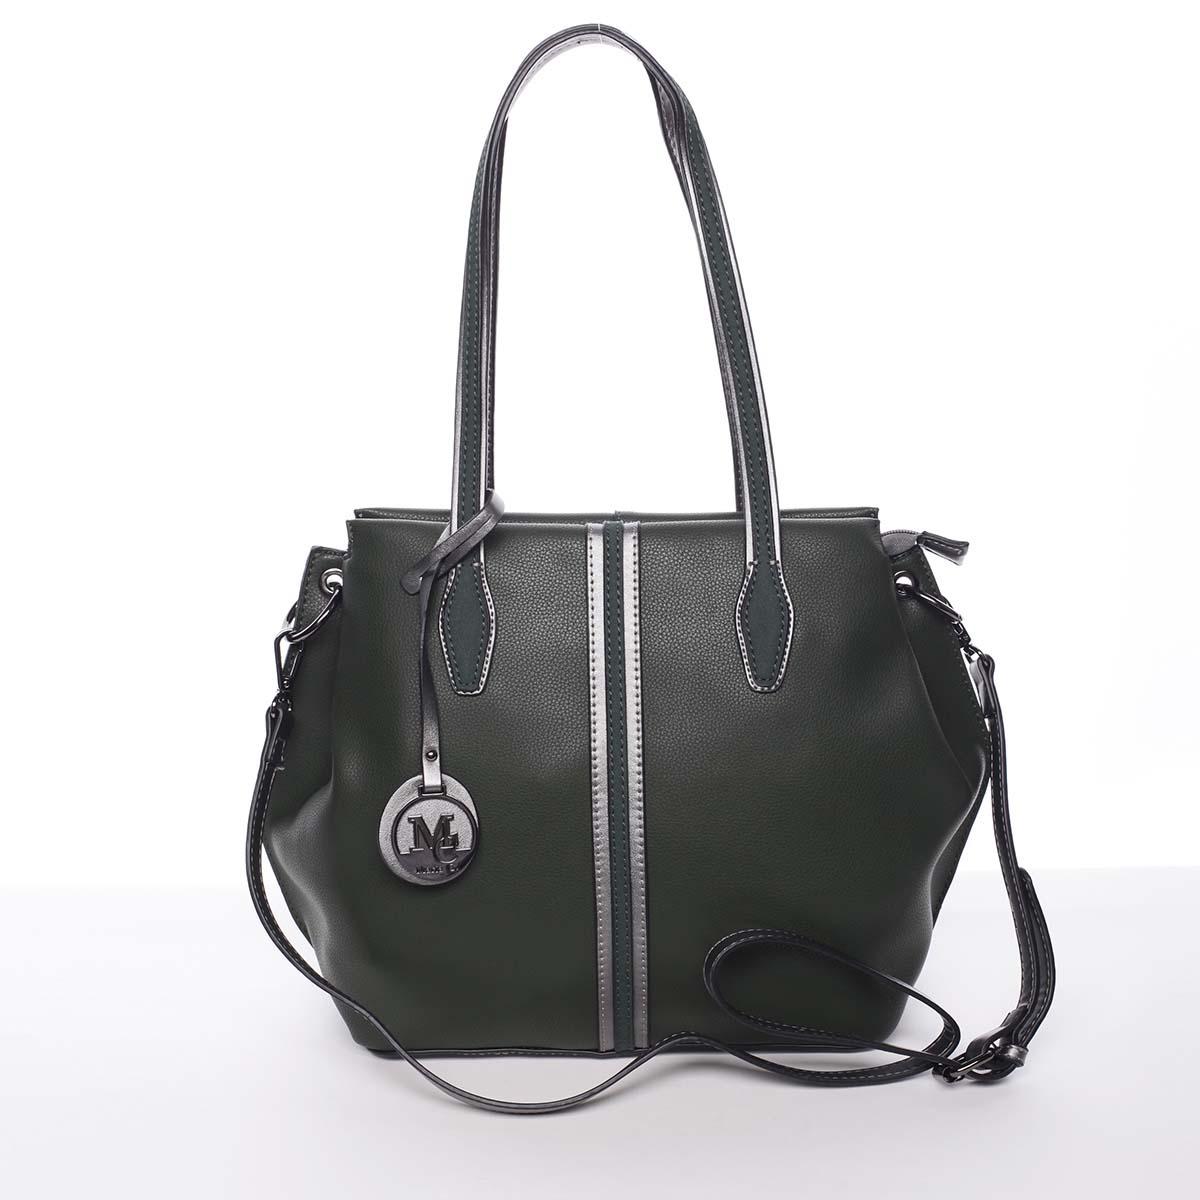 Stylová dámská kabelka přes rameno tmavě zelená - MARIA C Veronica